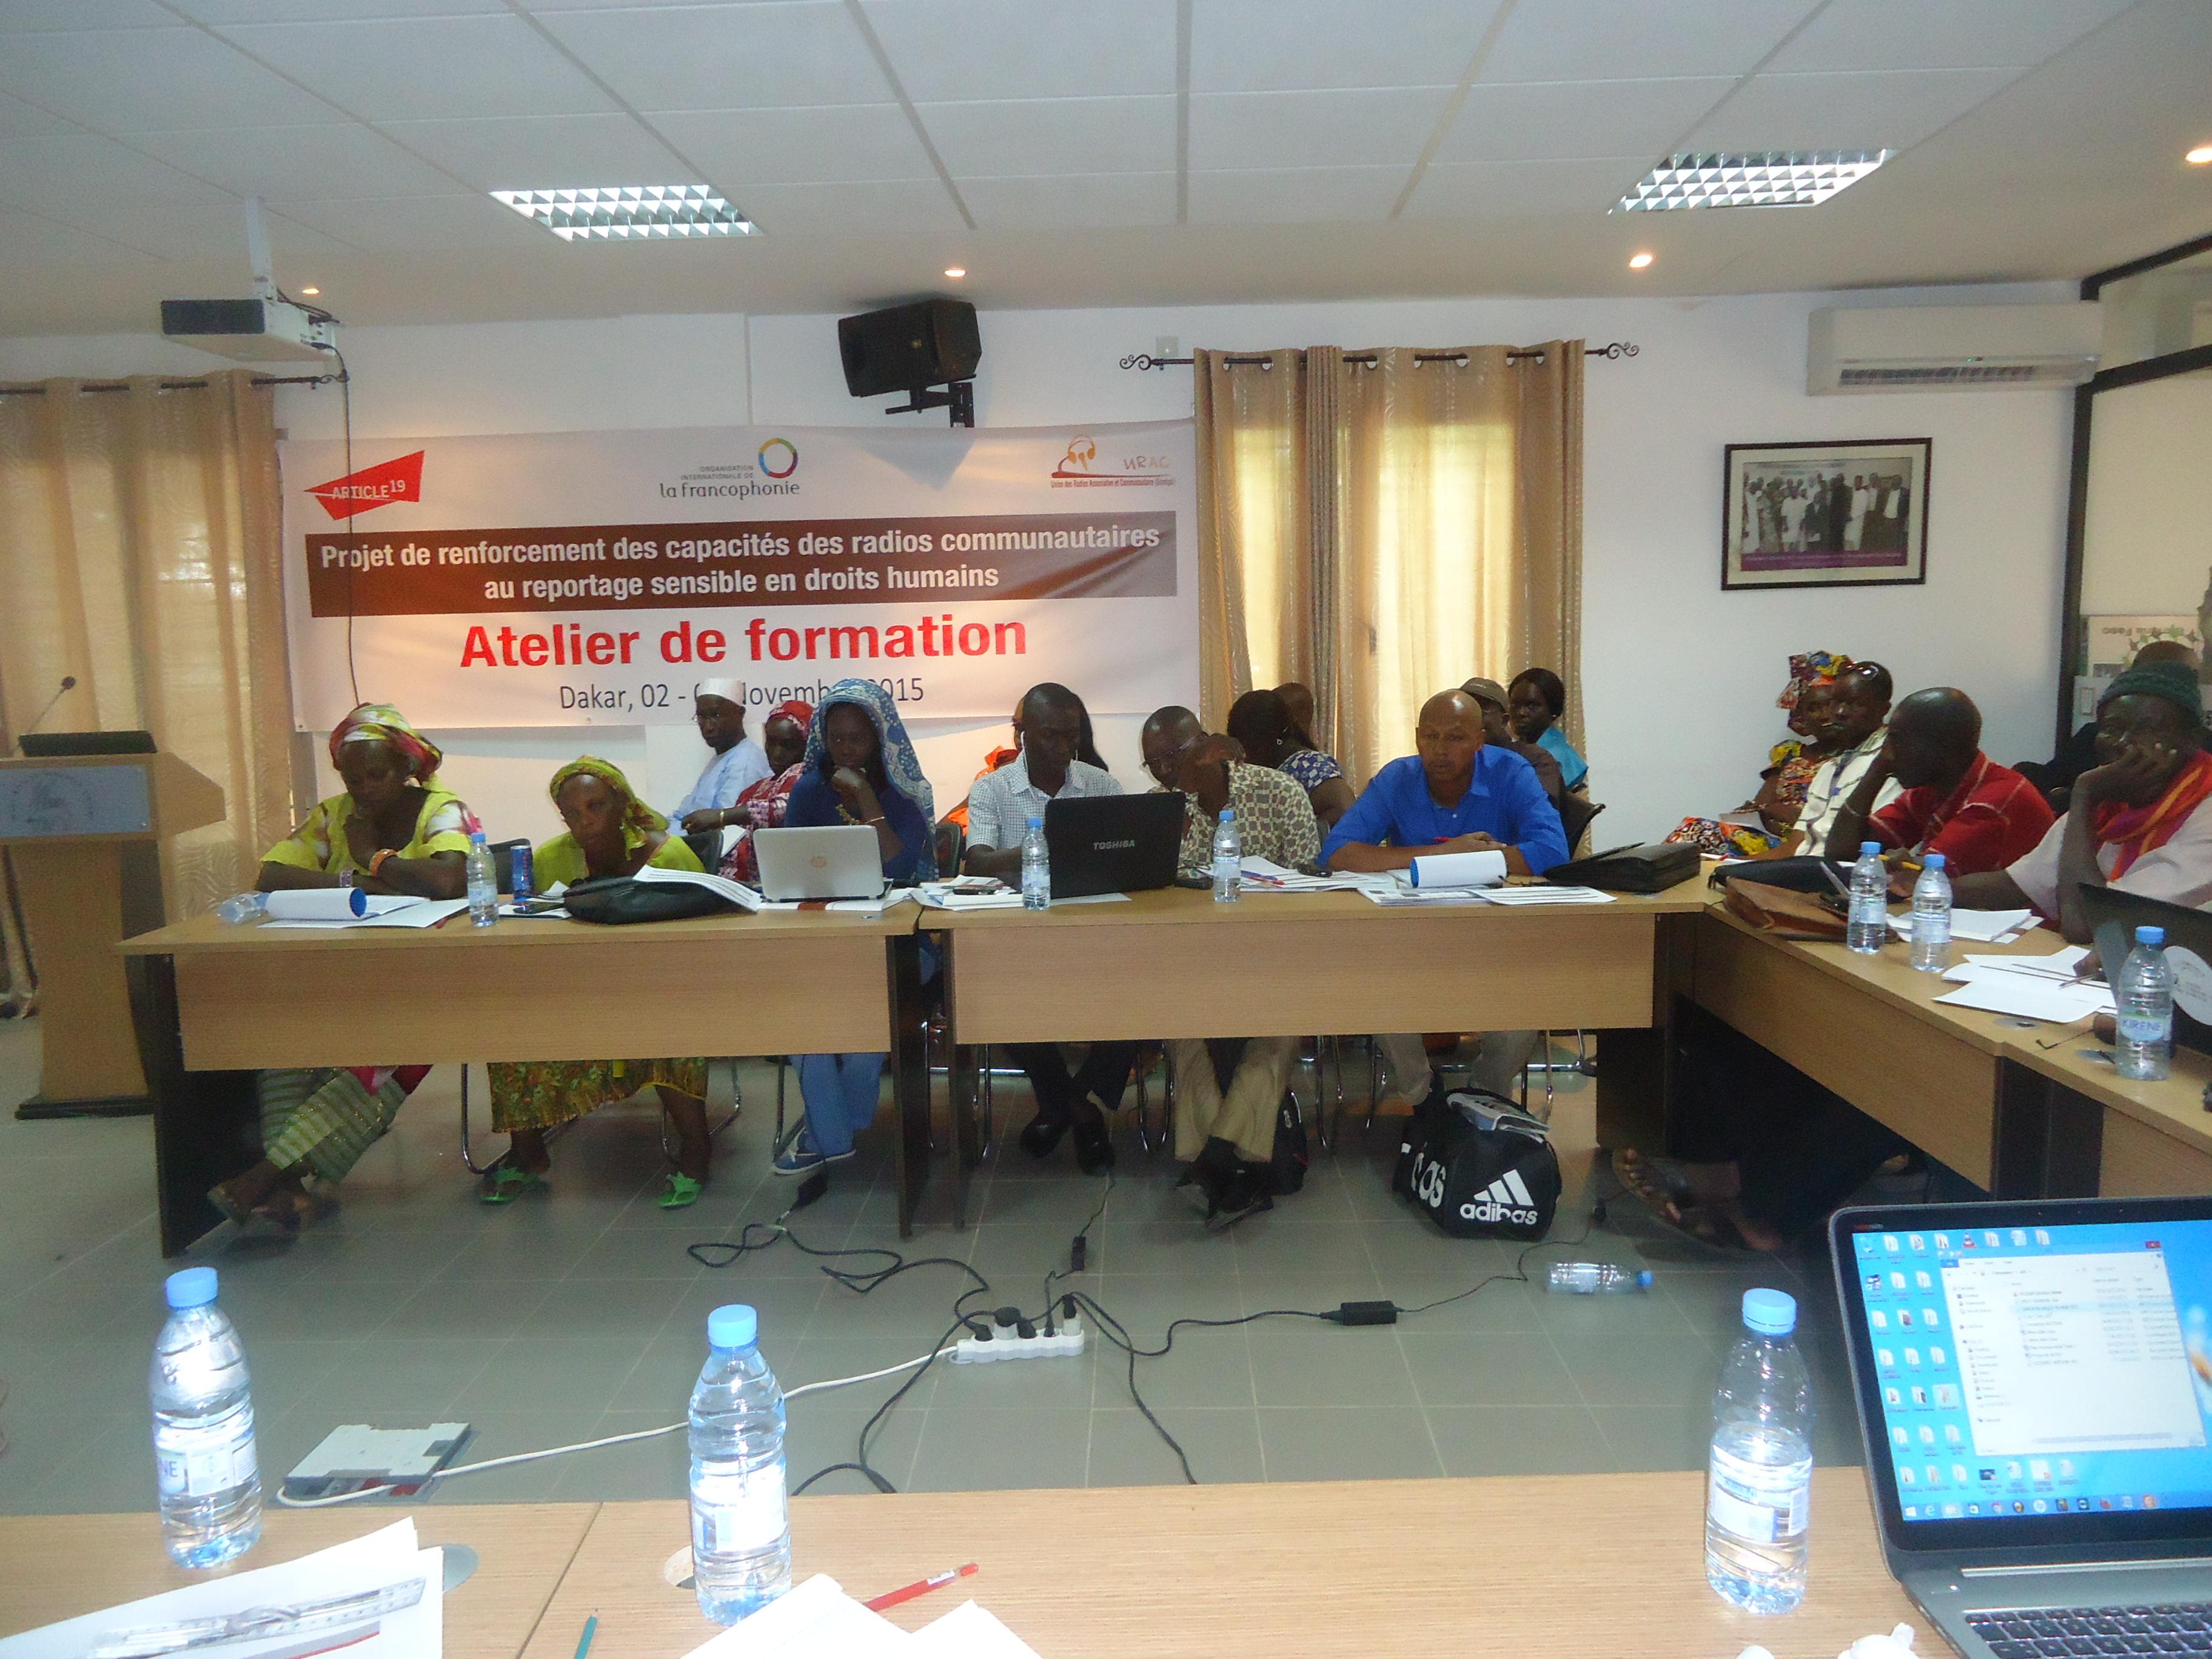 Les radios communautaires renforcent leurs capacités en droits humains